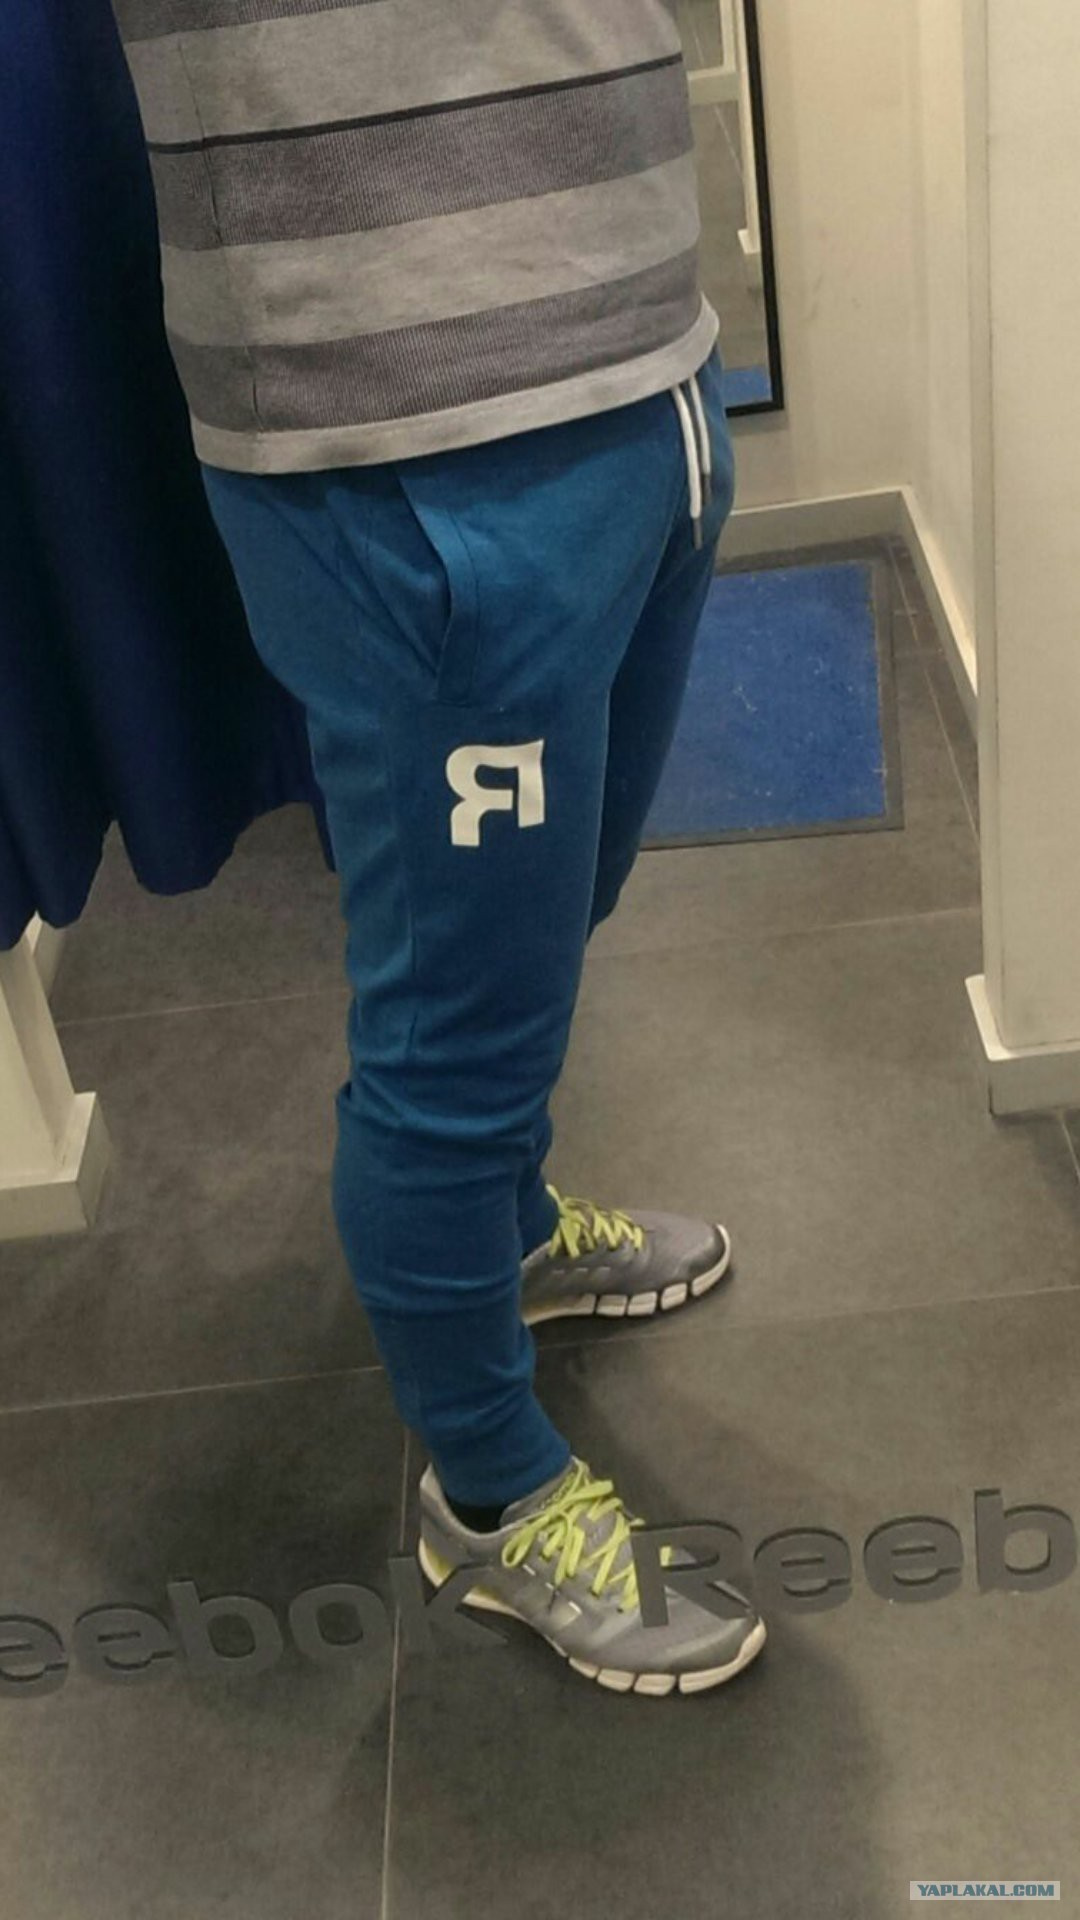 Высоко натянула джинсы фото аж видно фото 363-718